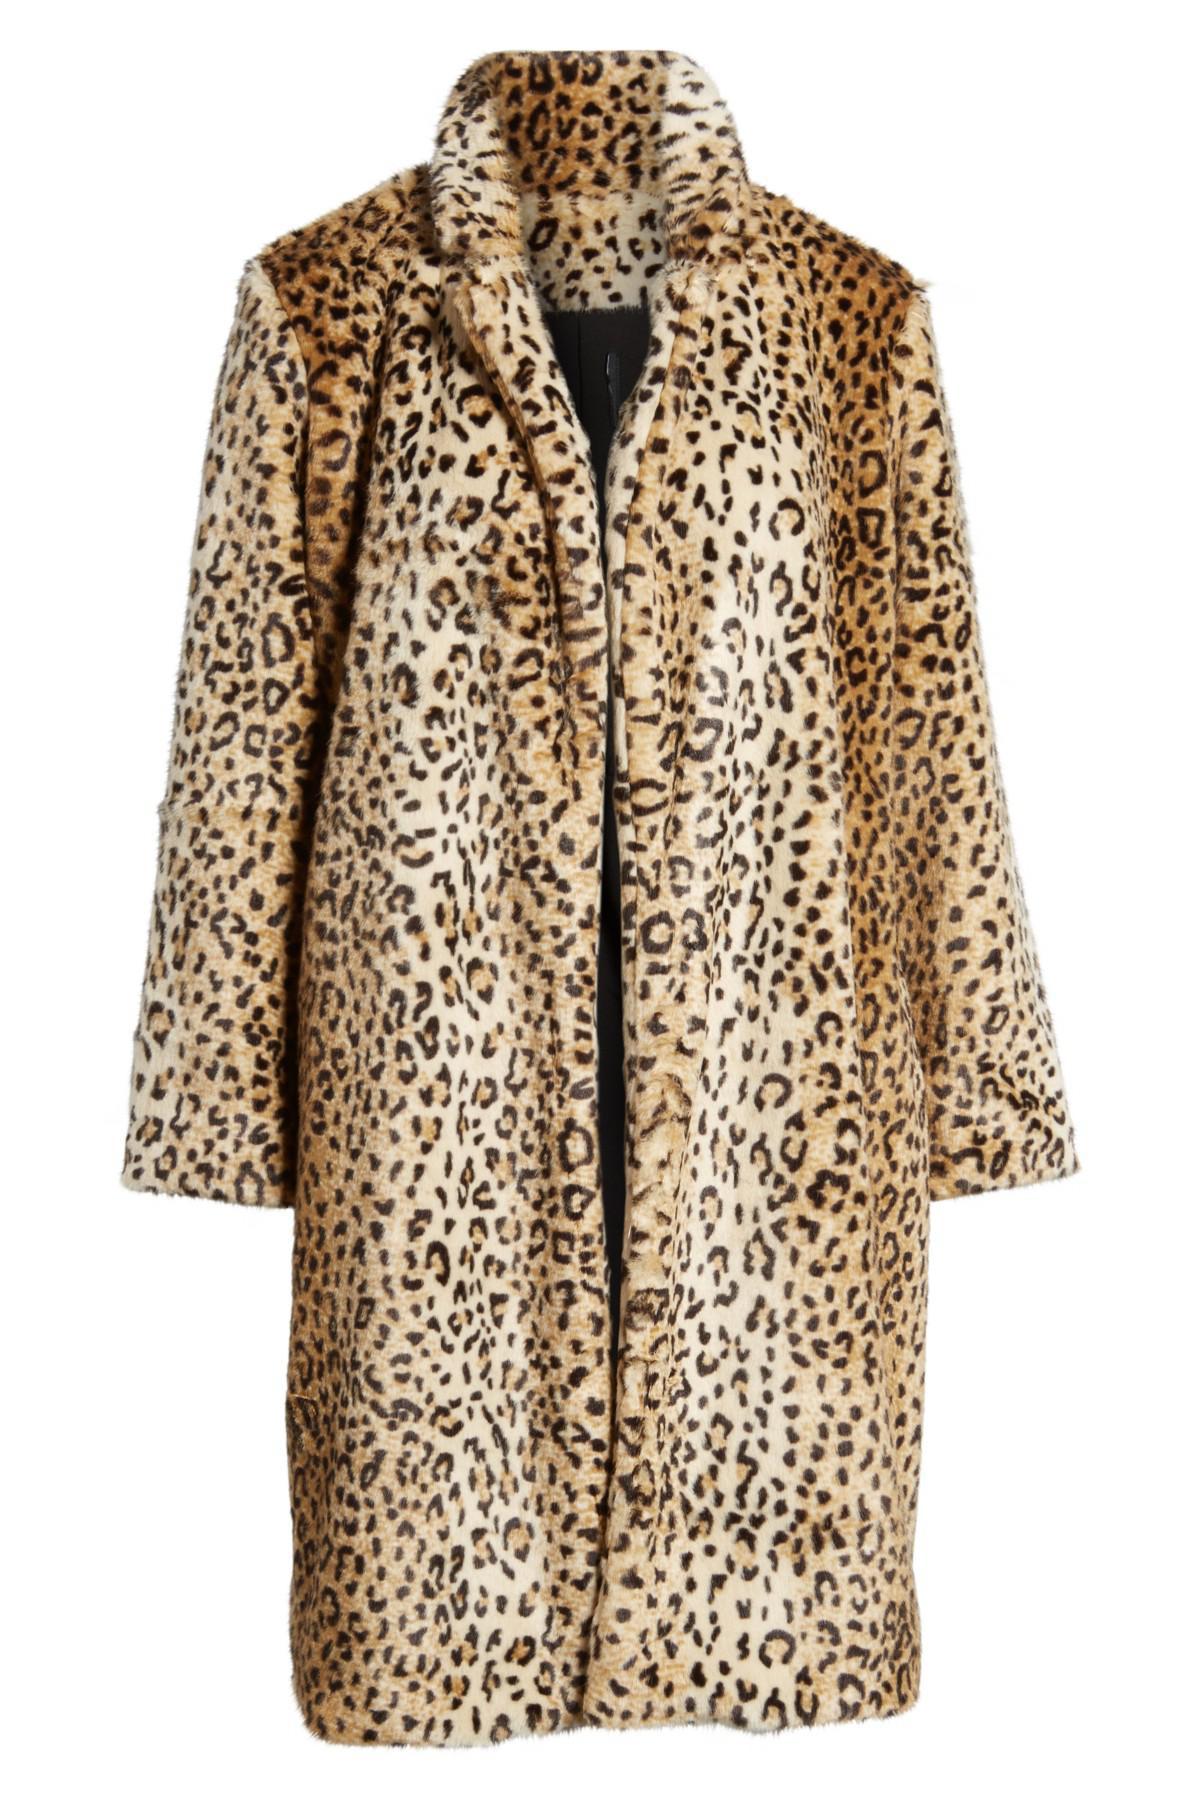 Chelsea28 Leopard Print Faux Fur Jacket In Brown Lyst